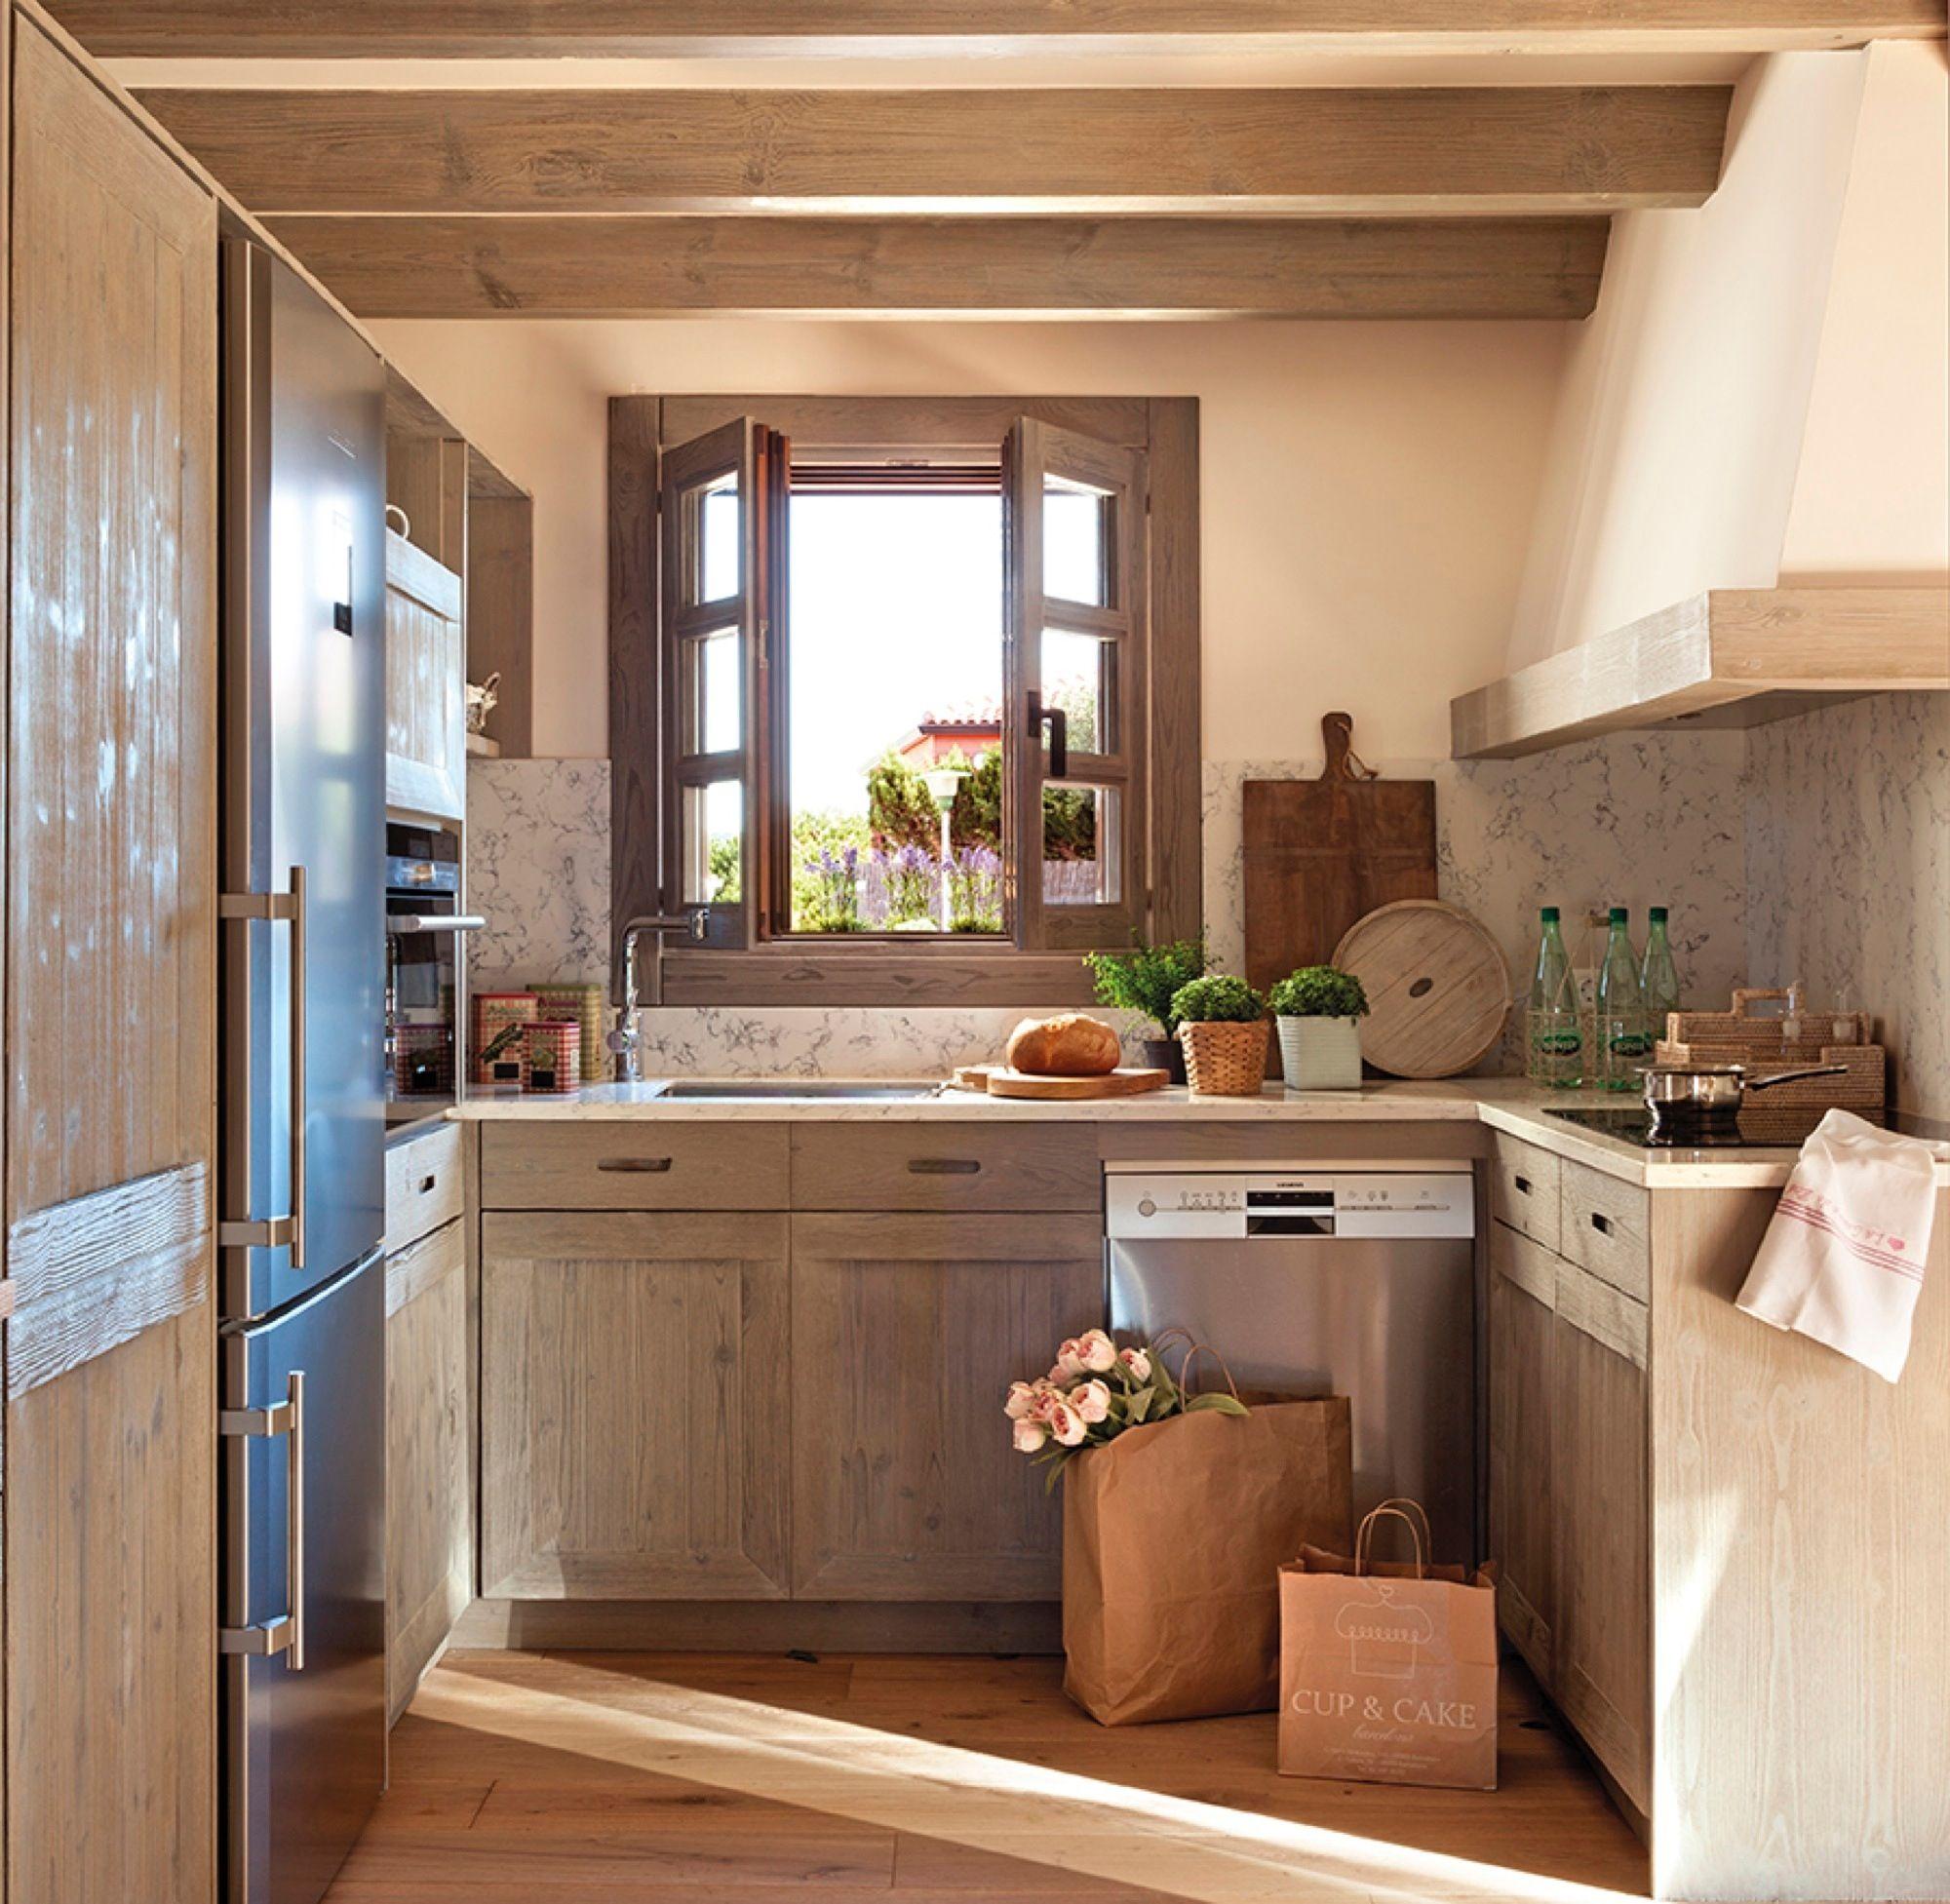 20 cocinas peque as y muy bonitas cocinas peque as y for Cocinas bonitas y practicas